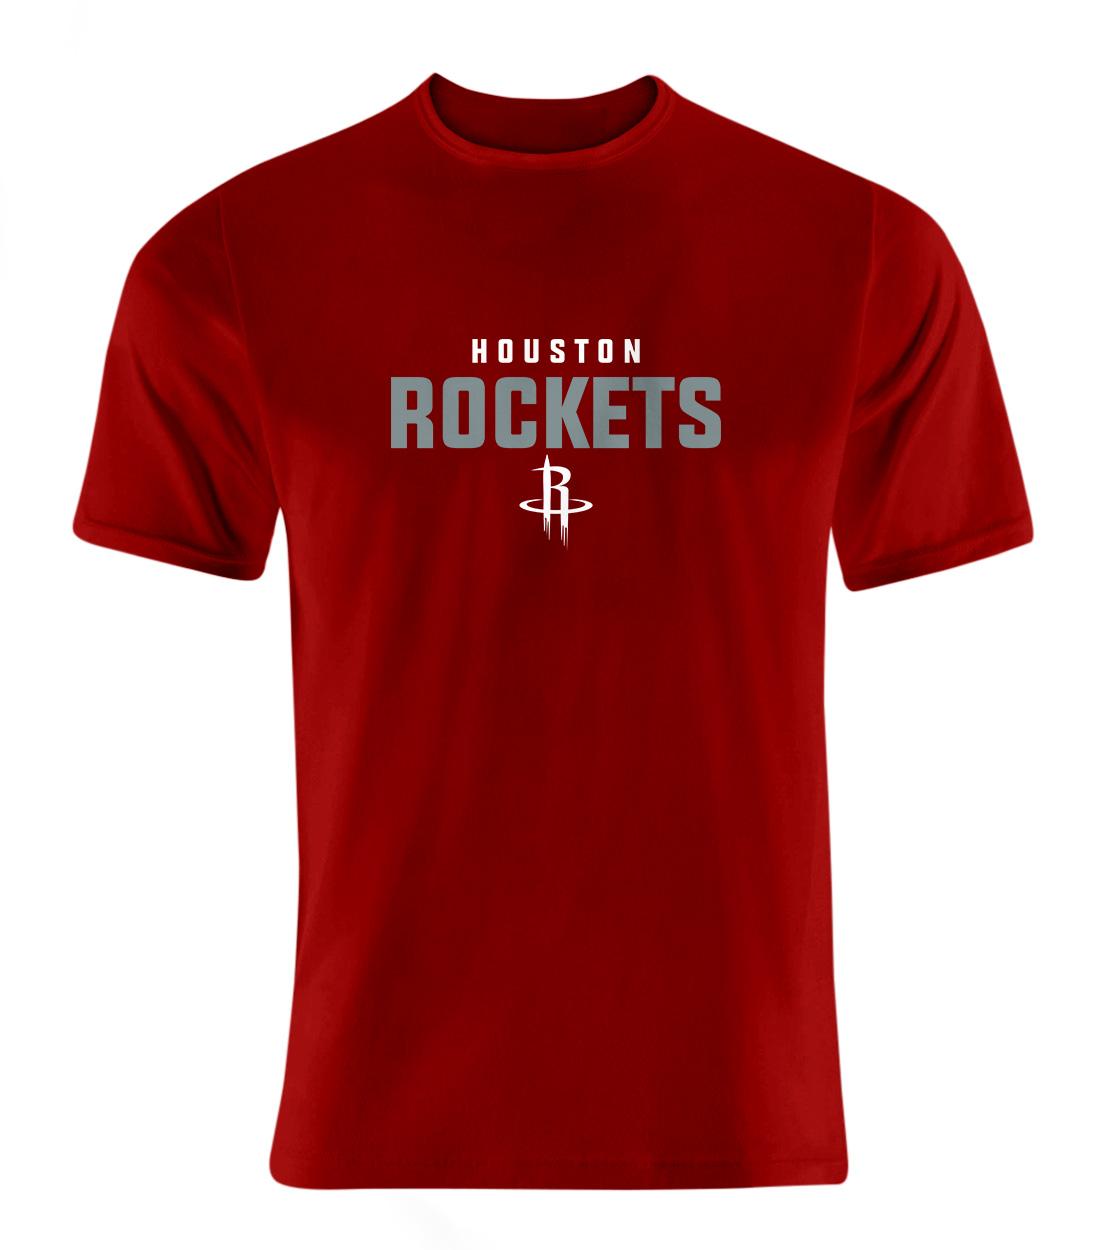 Houston Rockets Tshirt (TSH-RED-NP-108-NBA-HOU-ROCKETS.FLAT)